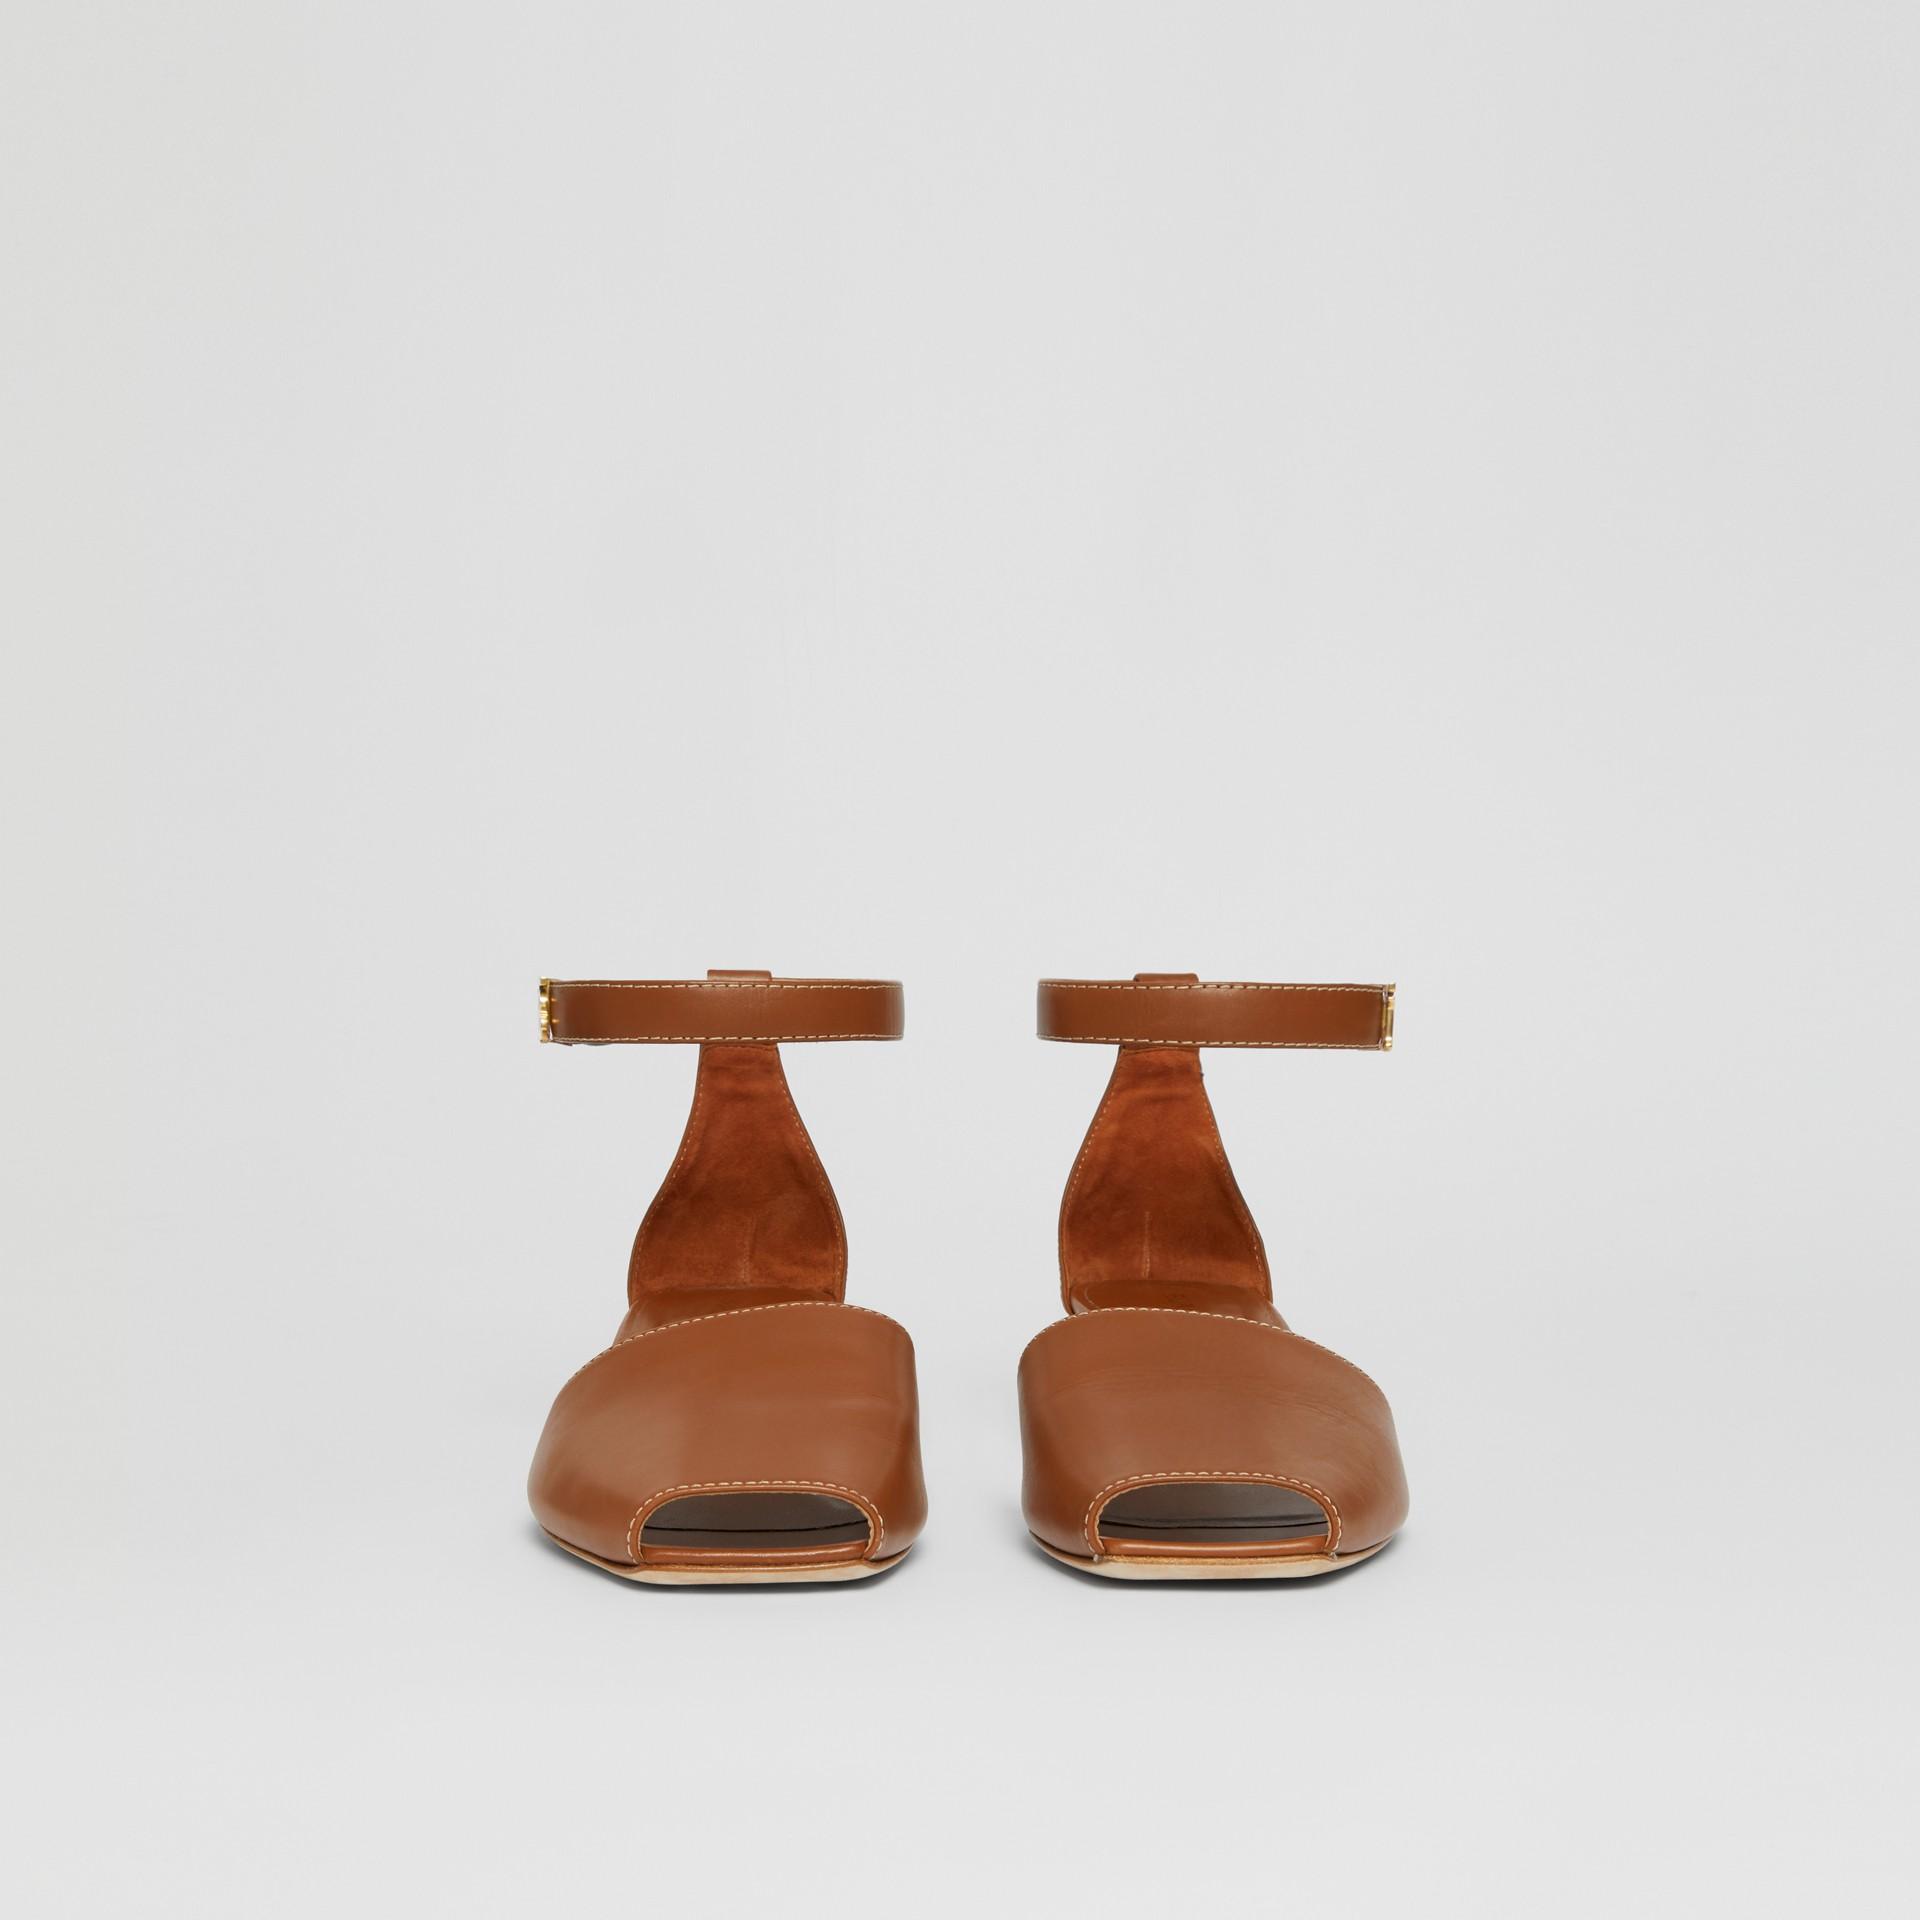 モノグラムモチーフ レザー キトゥンヒール サンダル (タン) - ウィメンズ | バーバリー - ギャラリーイメージ 3